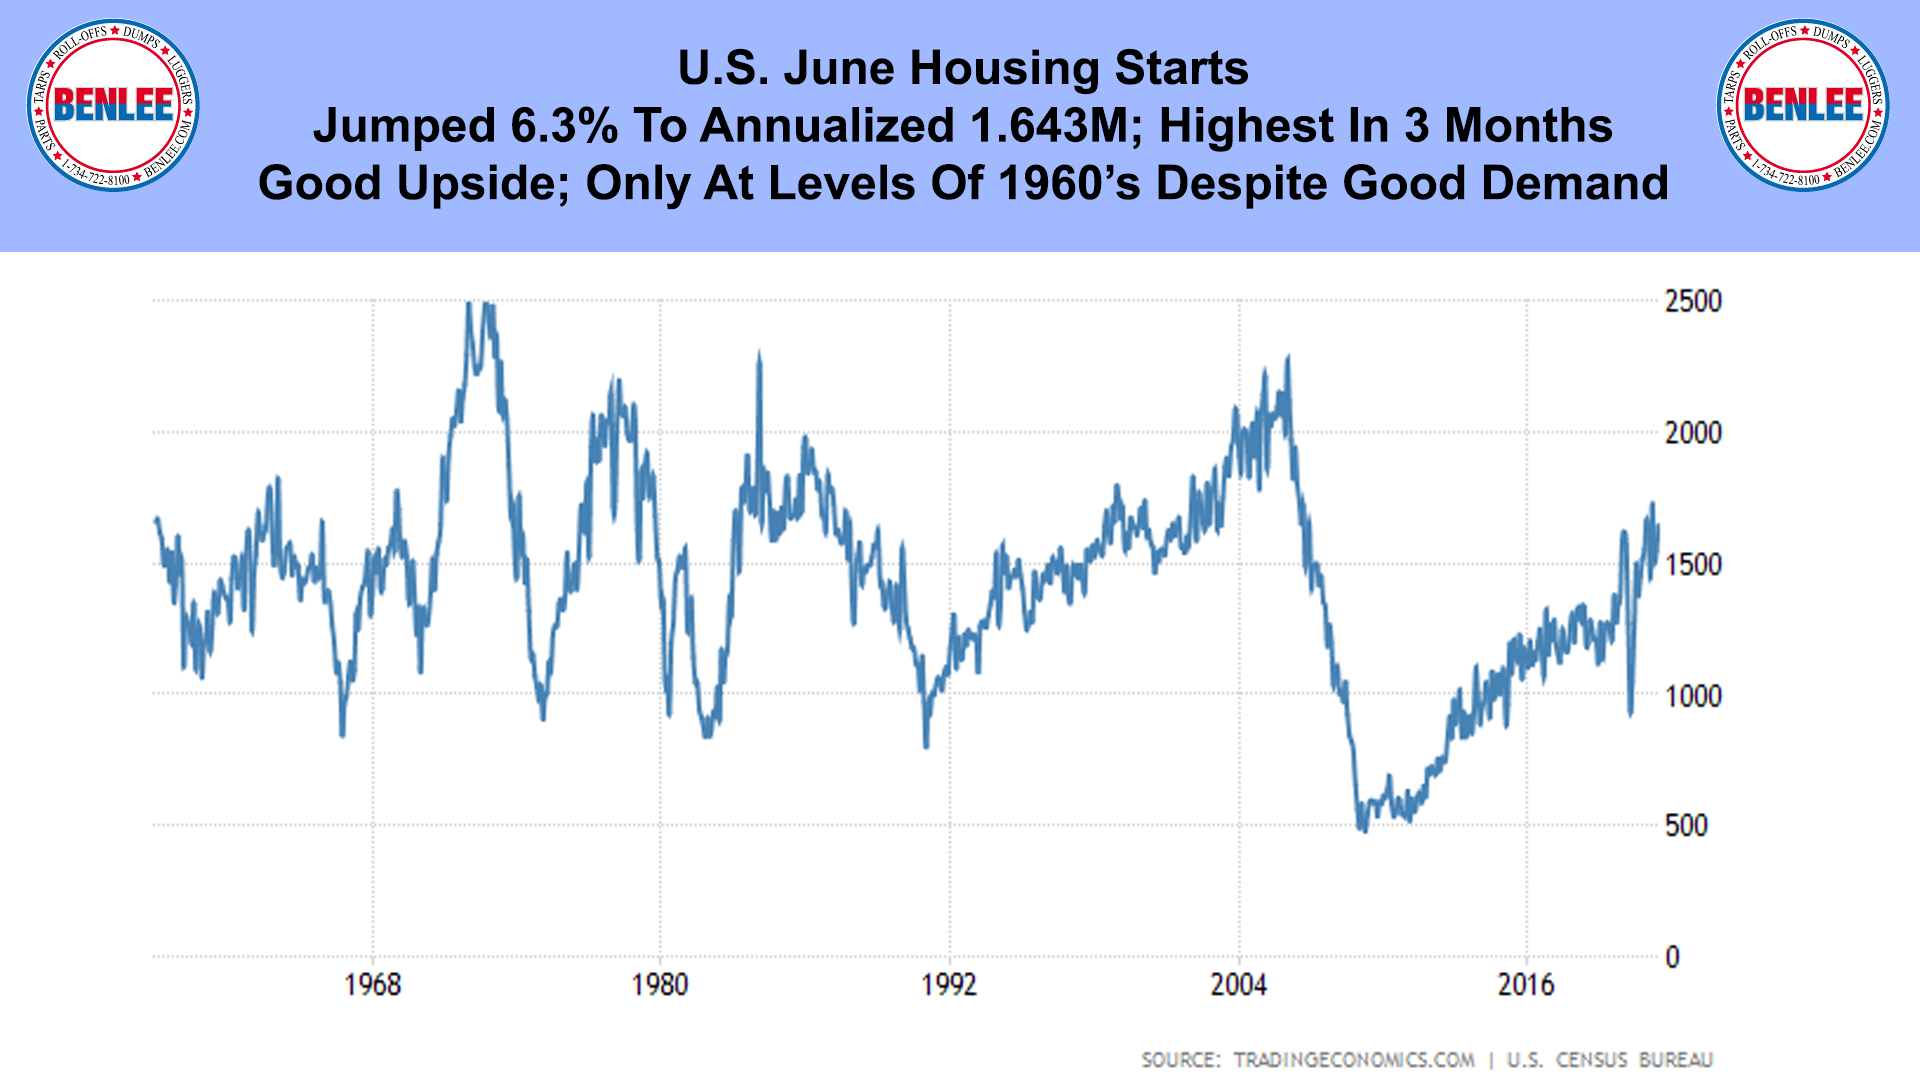 U.S. June Housing Starts